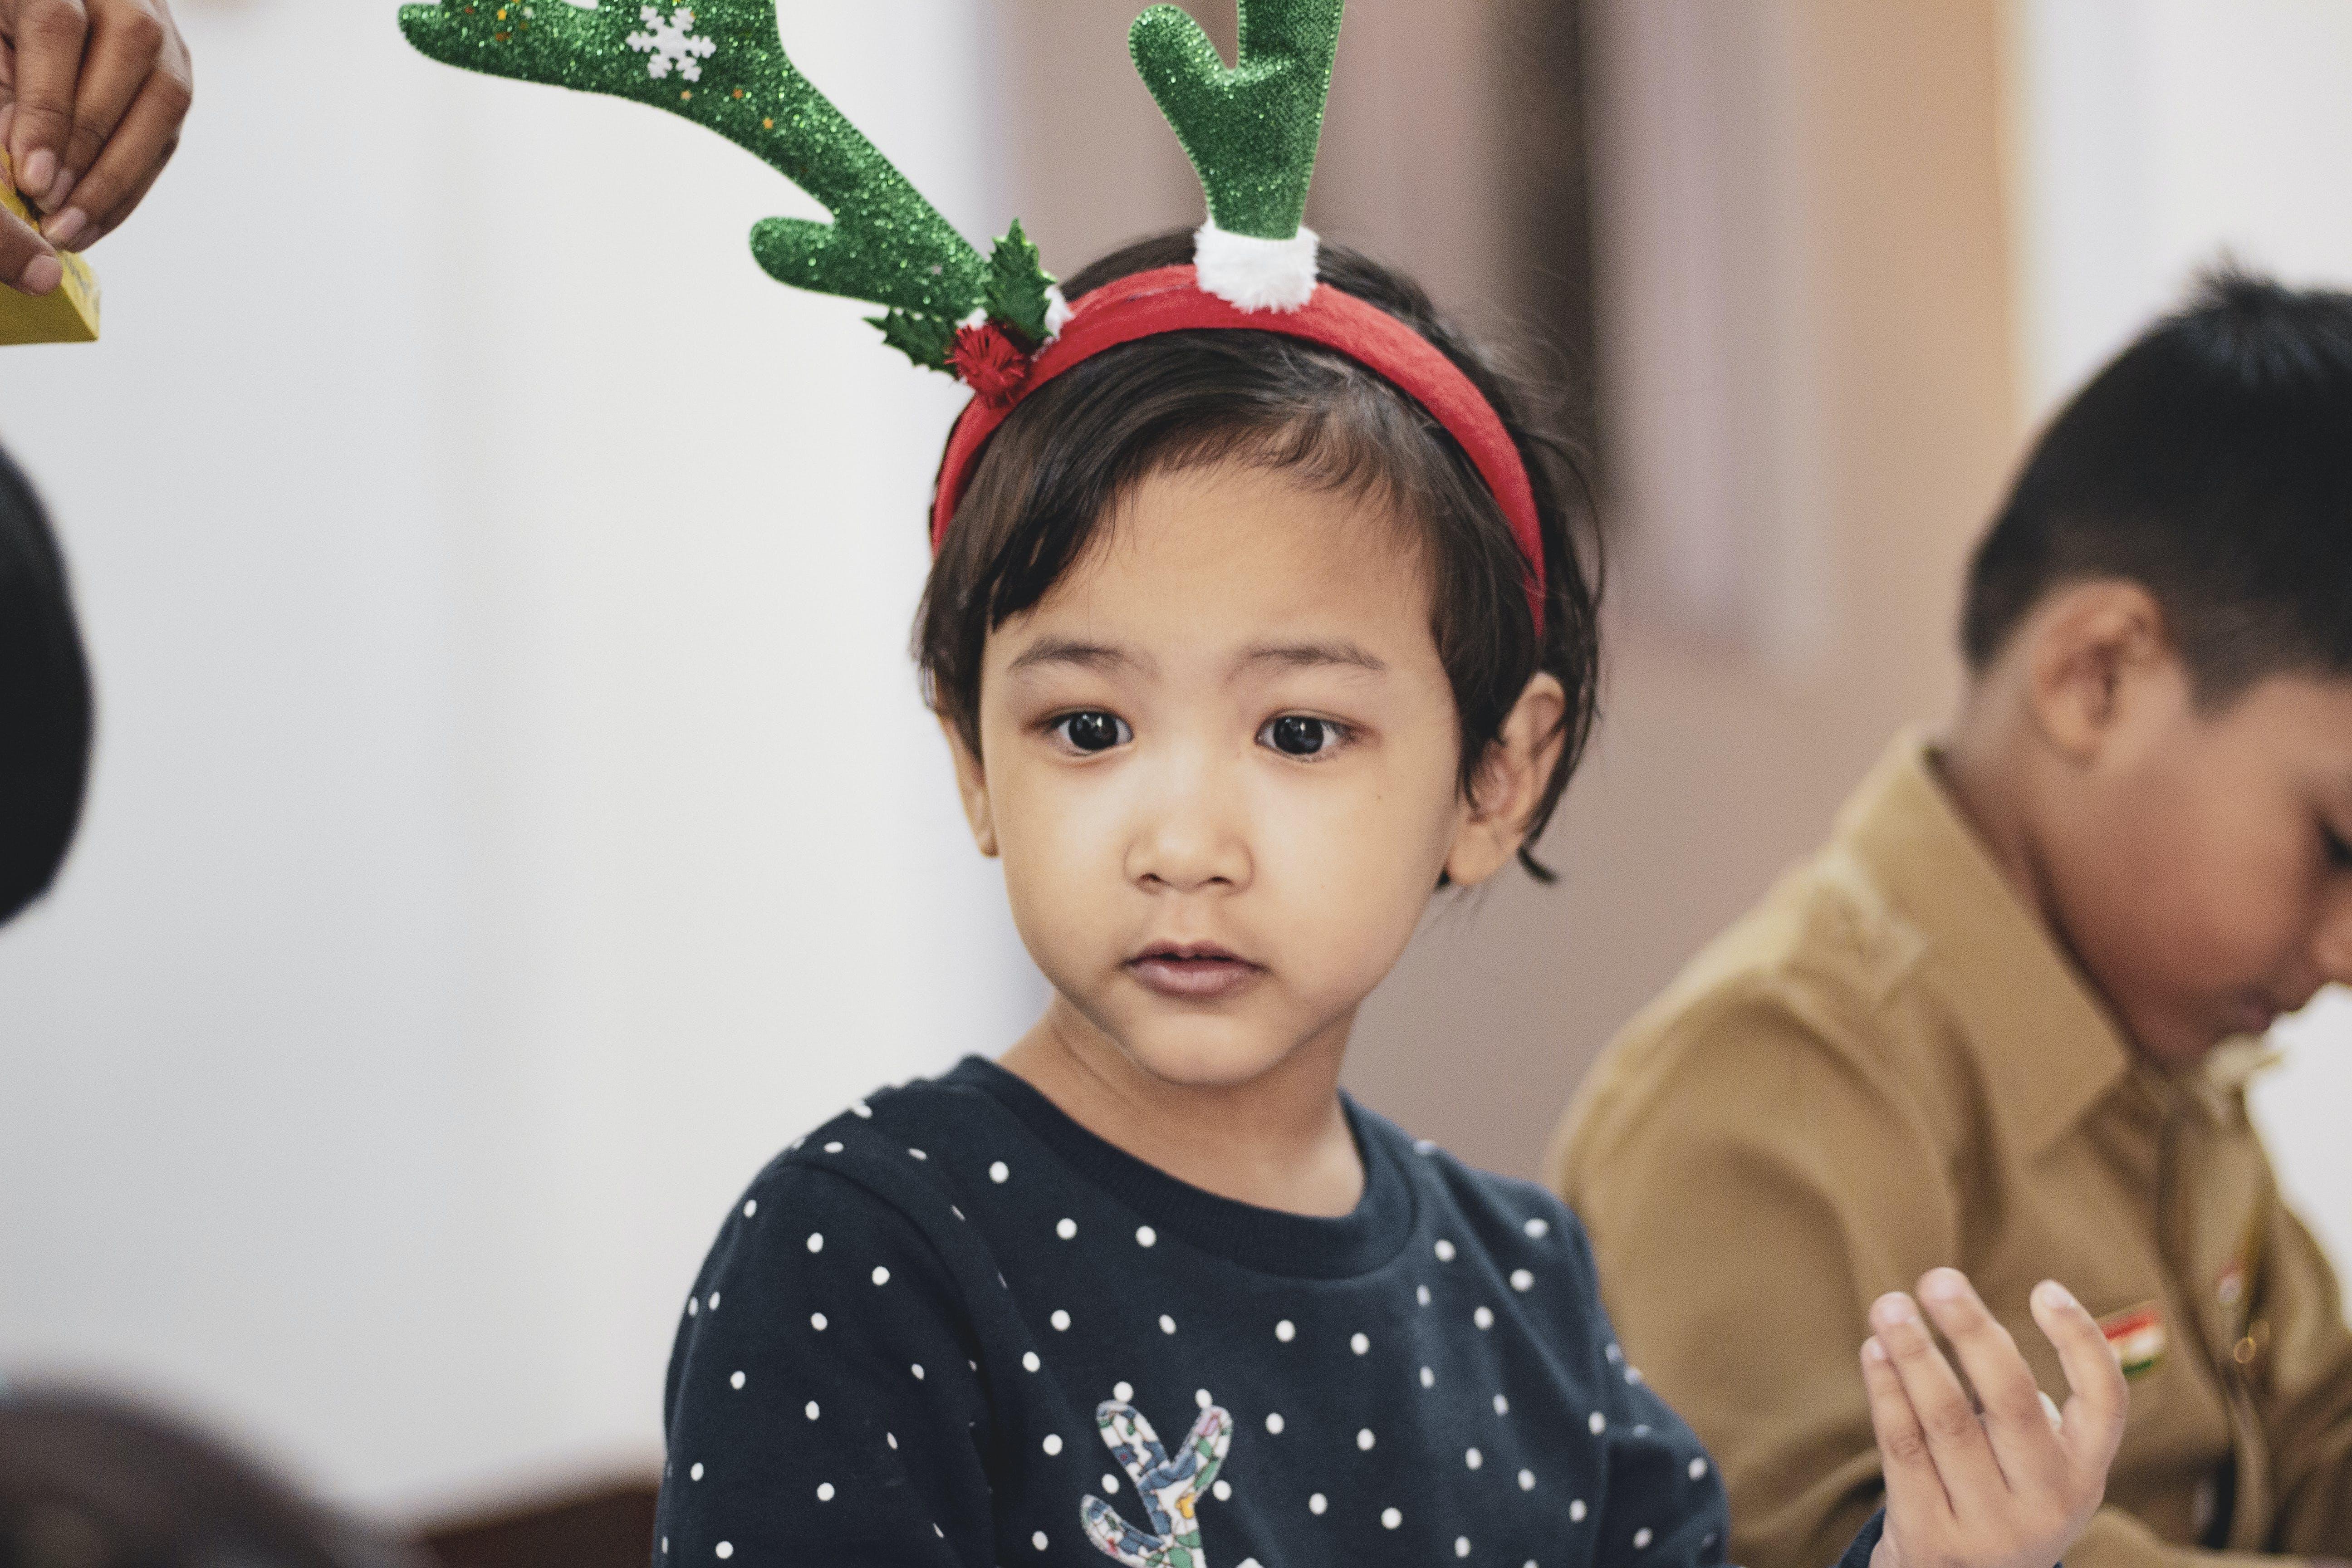 Girl Wearing Reindeer Headband